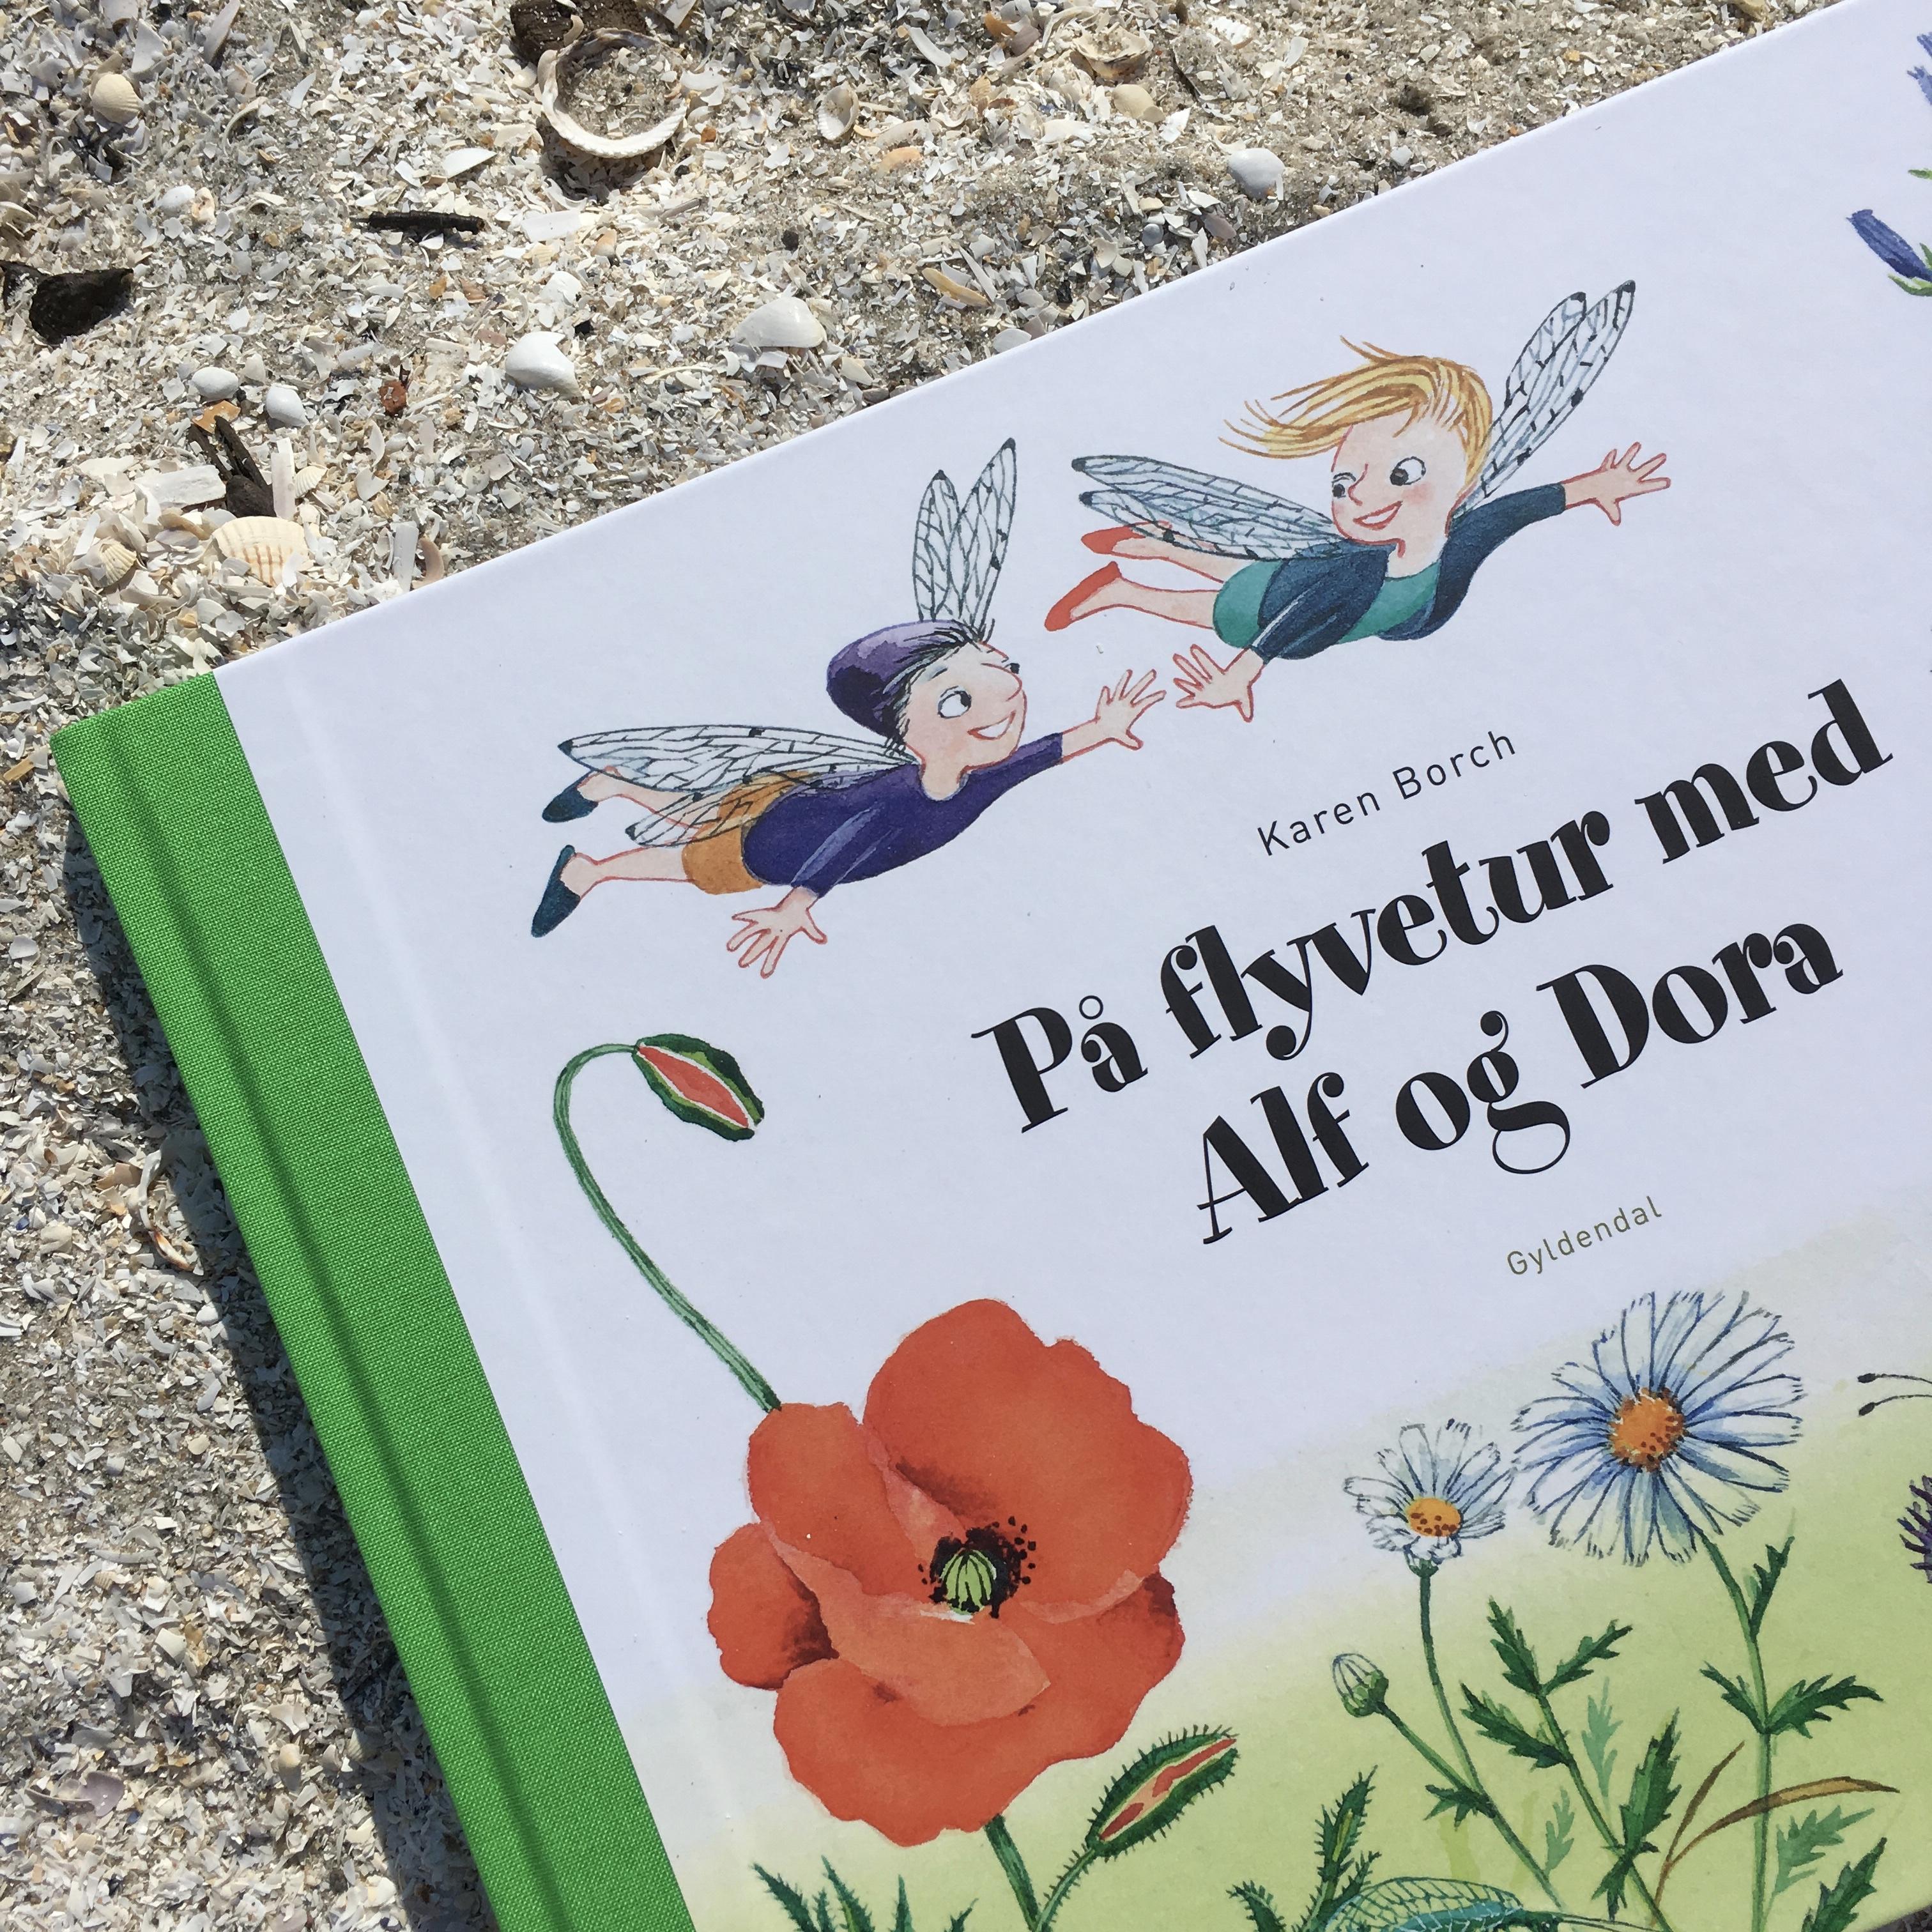 På flyvetur med Alf og Dora, Karen Borch, Bogoplevelsen